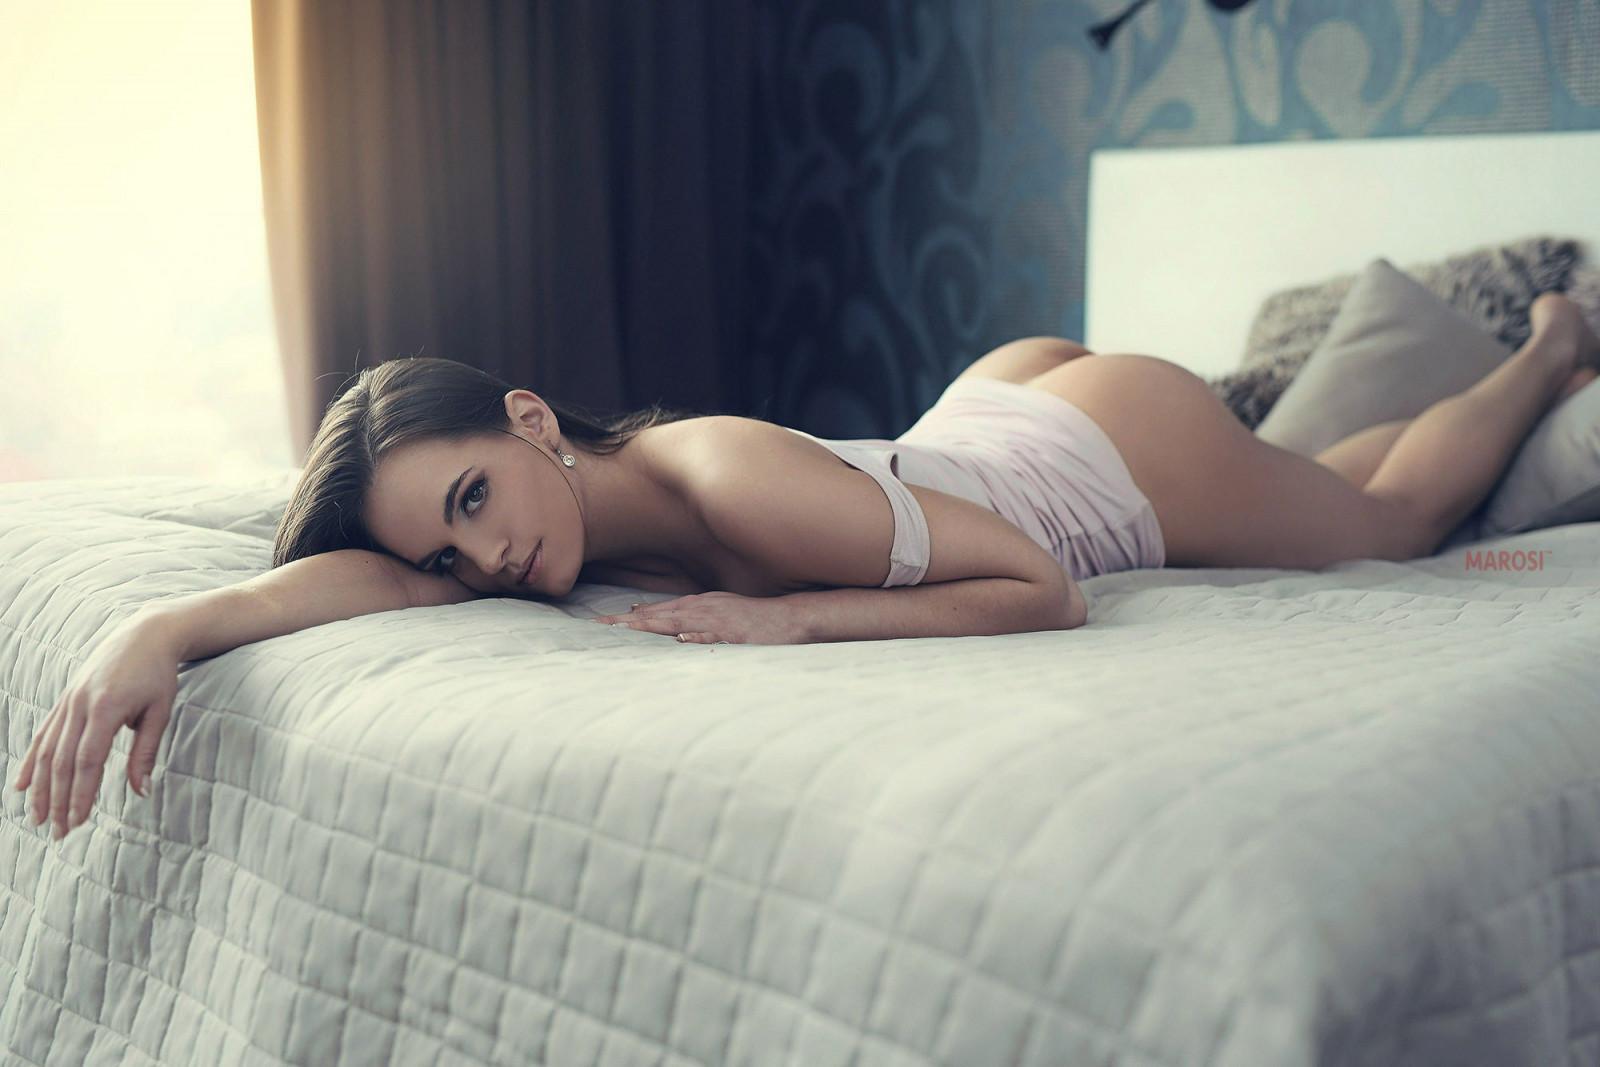 krasivie-devki-v-posteli-posredi-lyudey-otsosala-prohozhemu